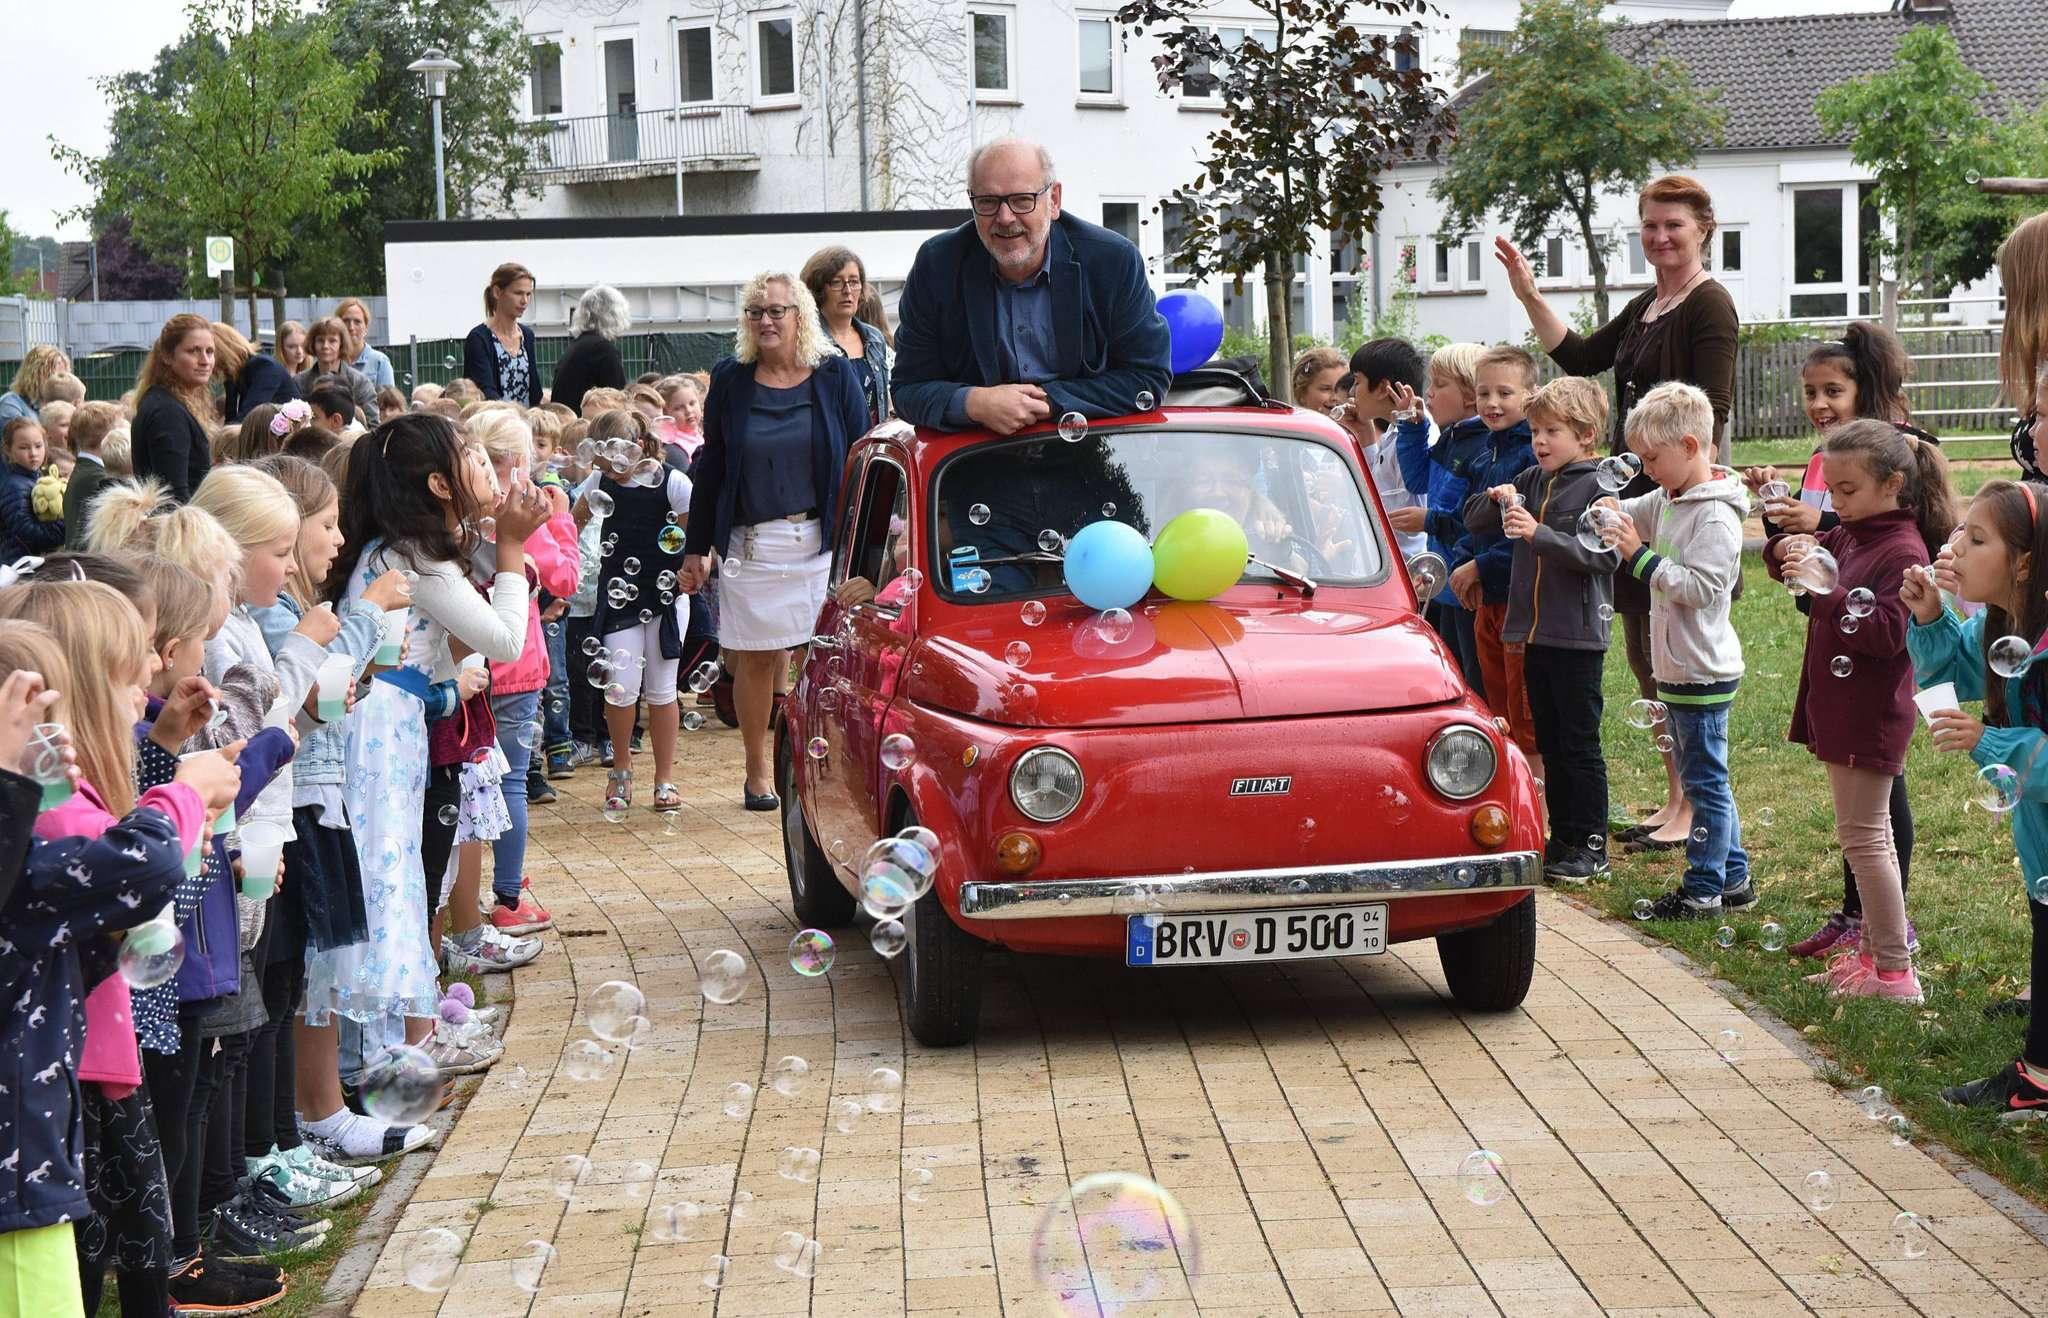 Lehrerin Dörte Dembski-Minssen hatte Bernd Tippel mit ihrem geschmückten Kleinwagen aus Zeven abgeholt und drehte mit ihm eine Ehrenrunde auf dem Schulhof, flankiert von Lehrern und Schülern und einem Seifenblasenmeer. Fotos: Heidrun Meyer